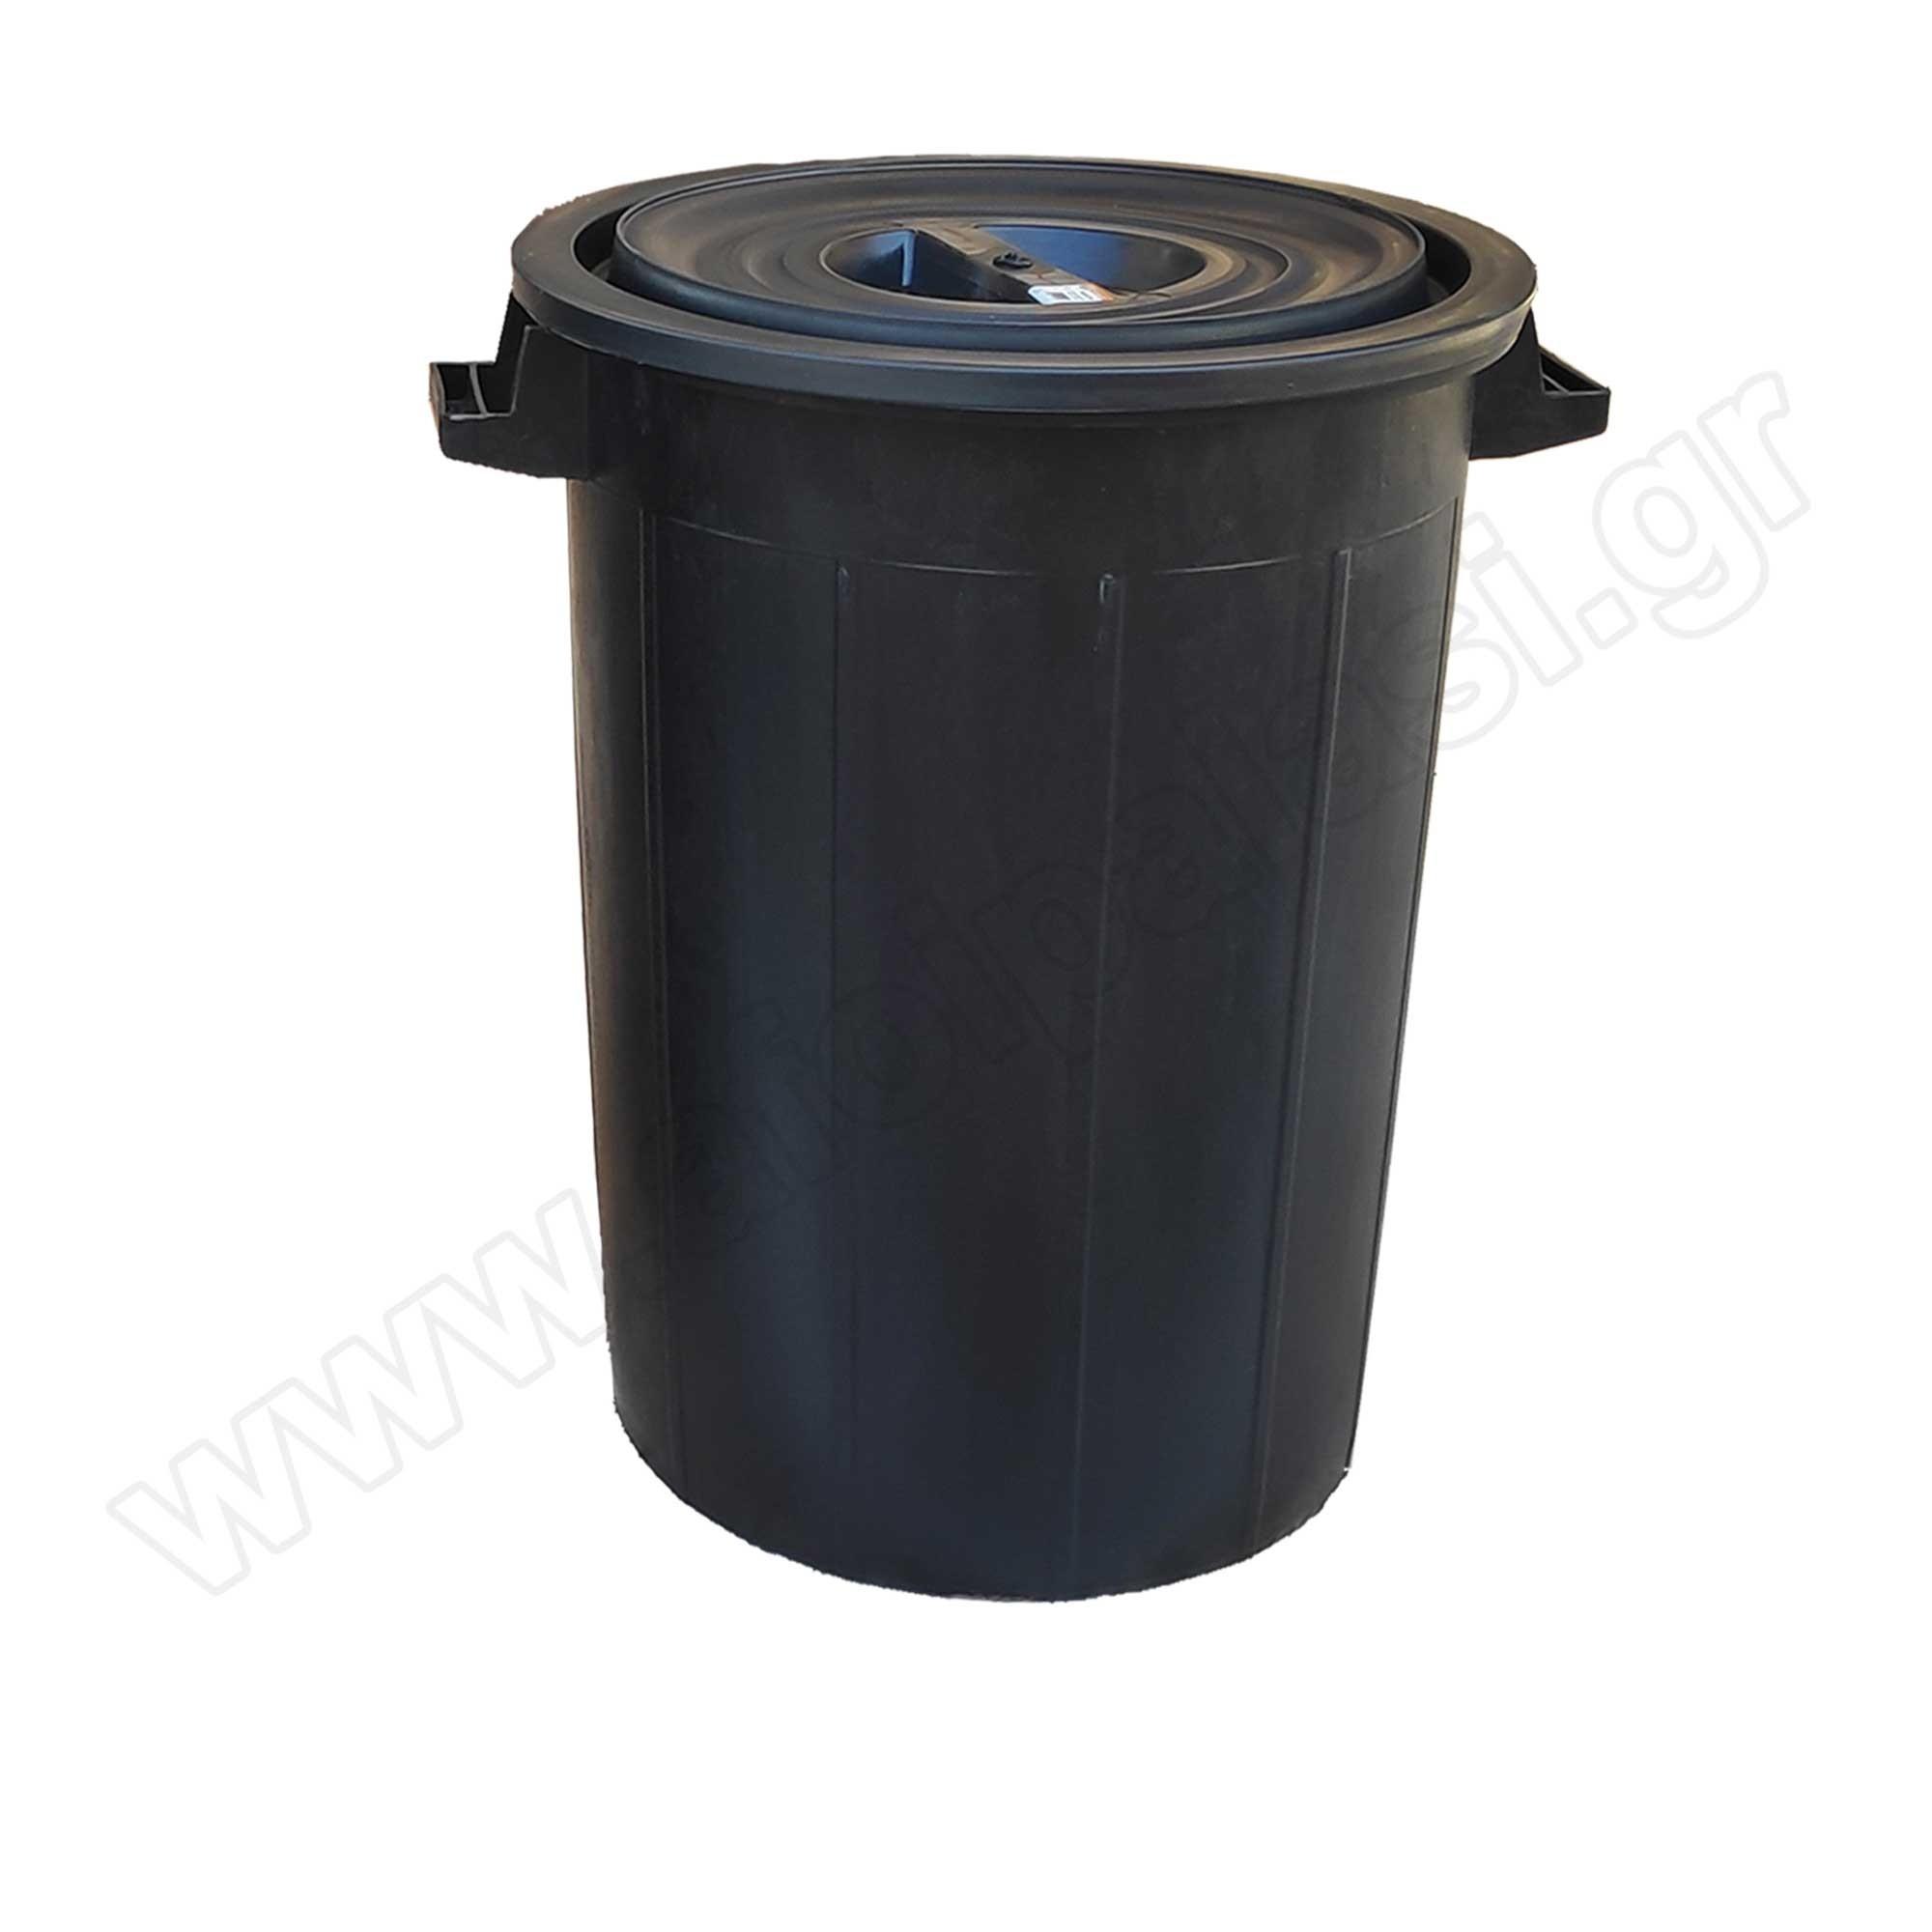 Πλαστικός κάδος απορριμάτων με χειρολαβές Μαύρος 120lt 608012